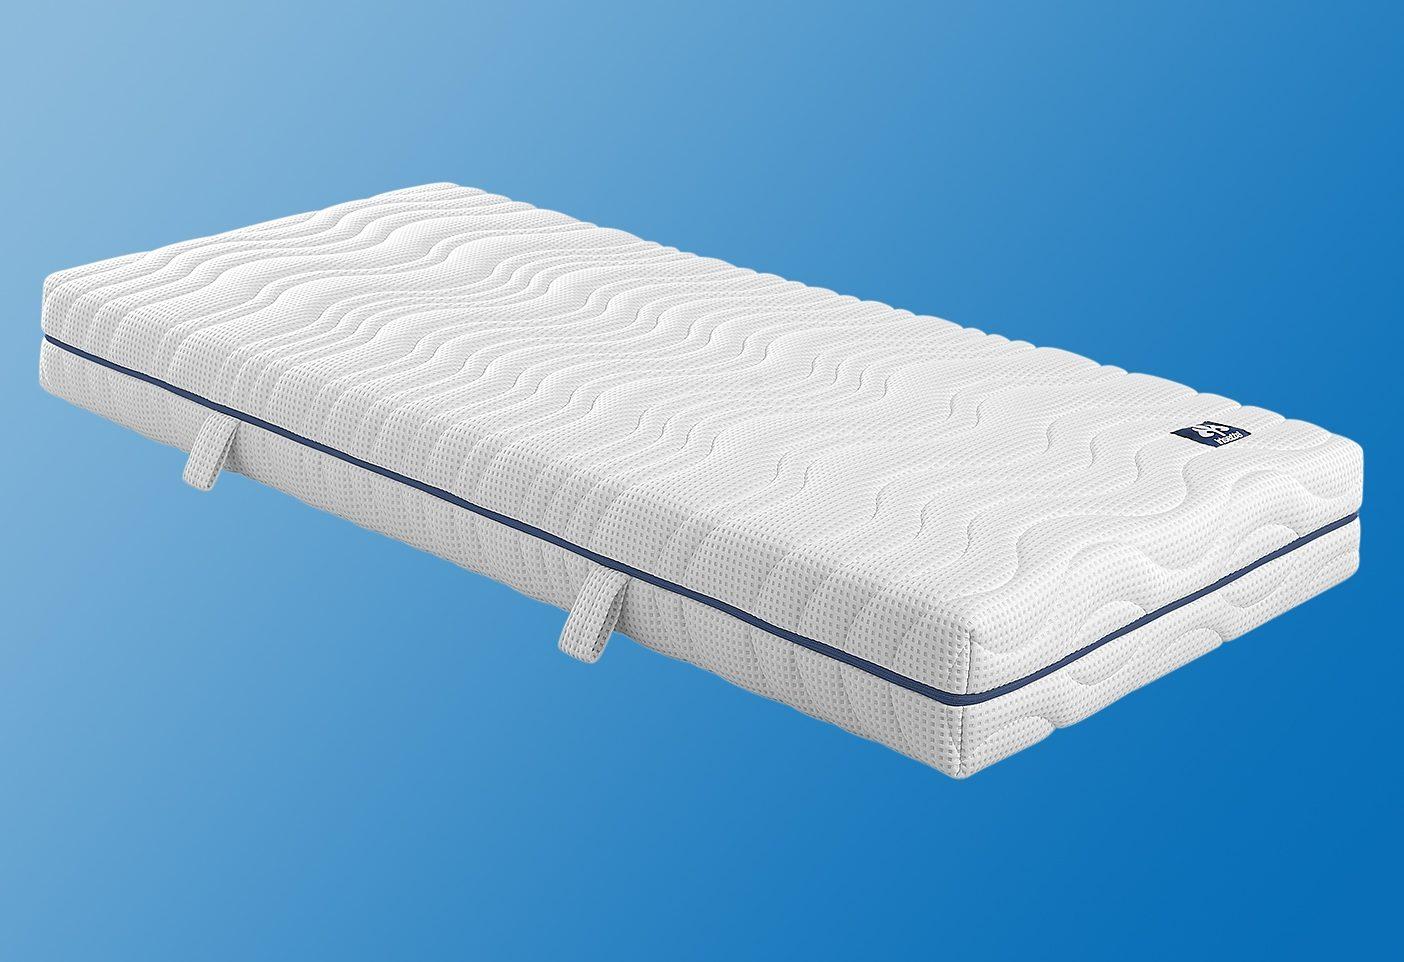 Matratzen für stubenwagen mehr sammlung matratzen für